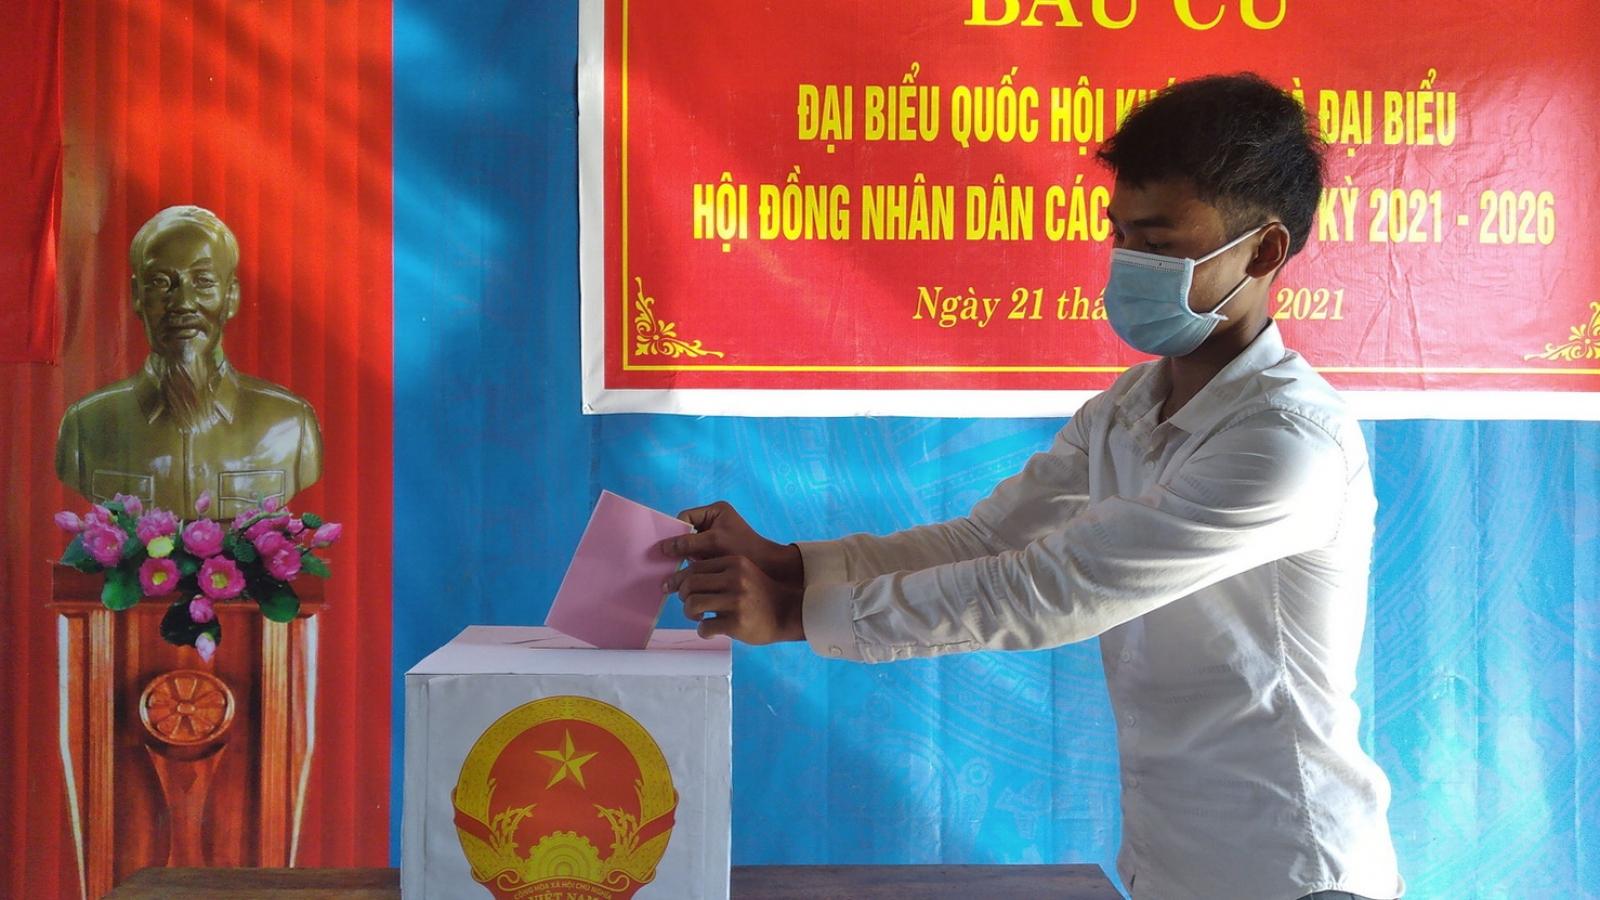 Cử tri Quảng Bình hoàn thành việc bỏ phiếu bầu cử sớm